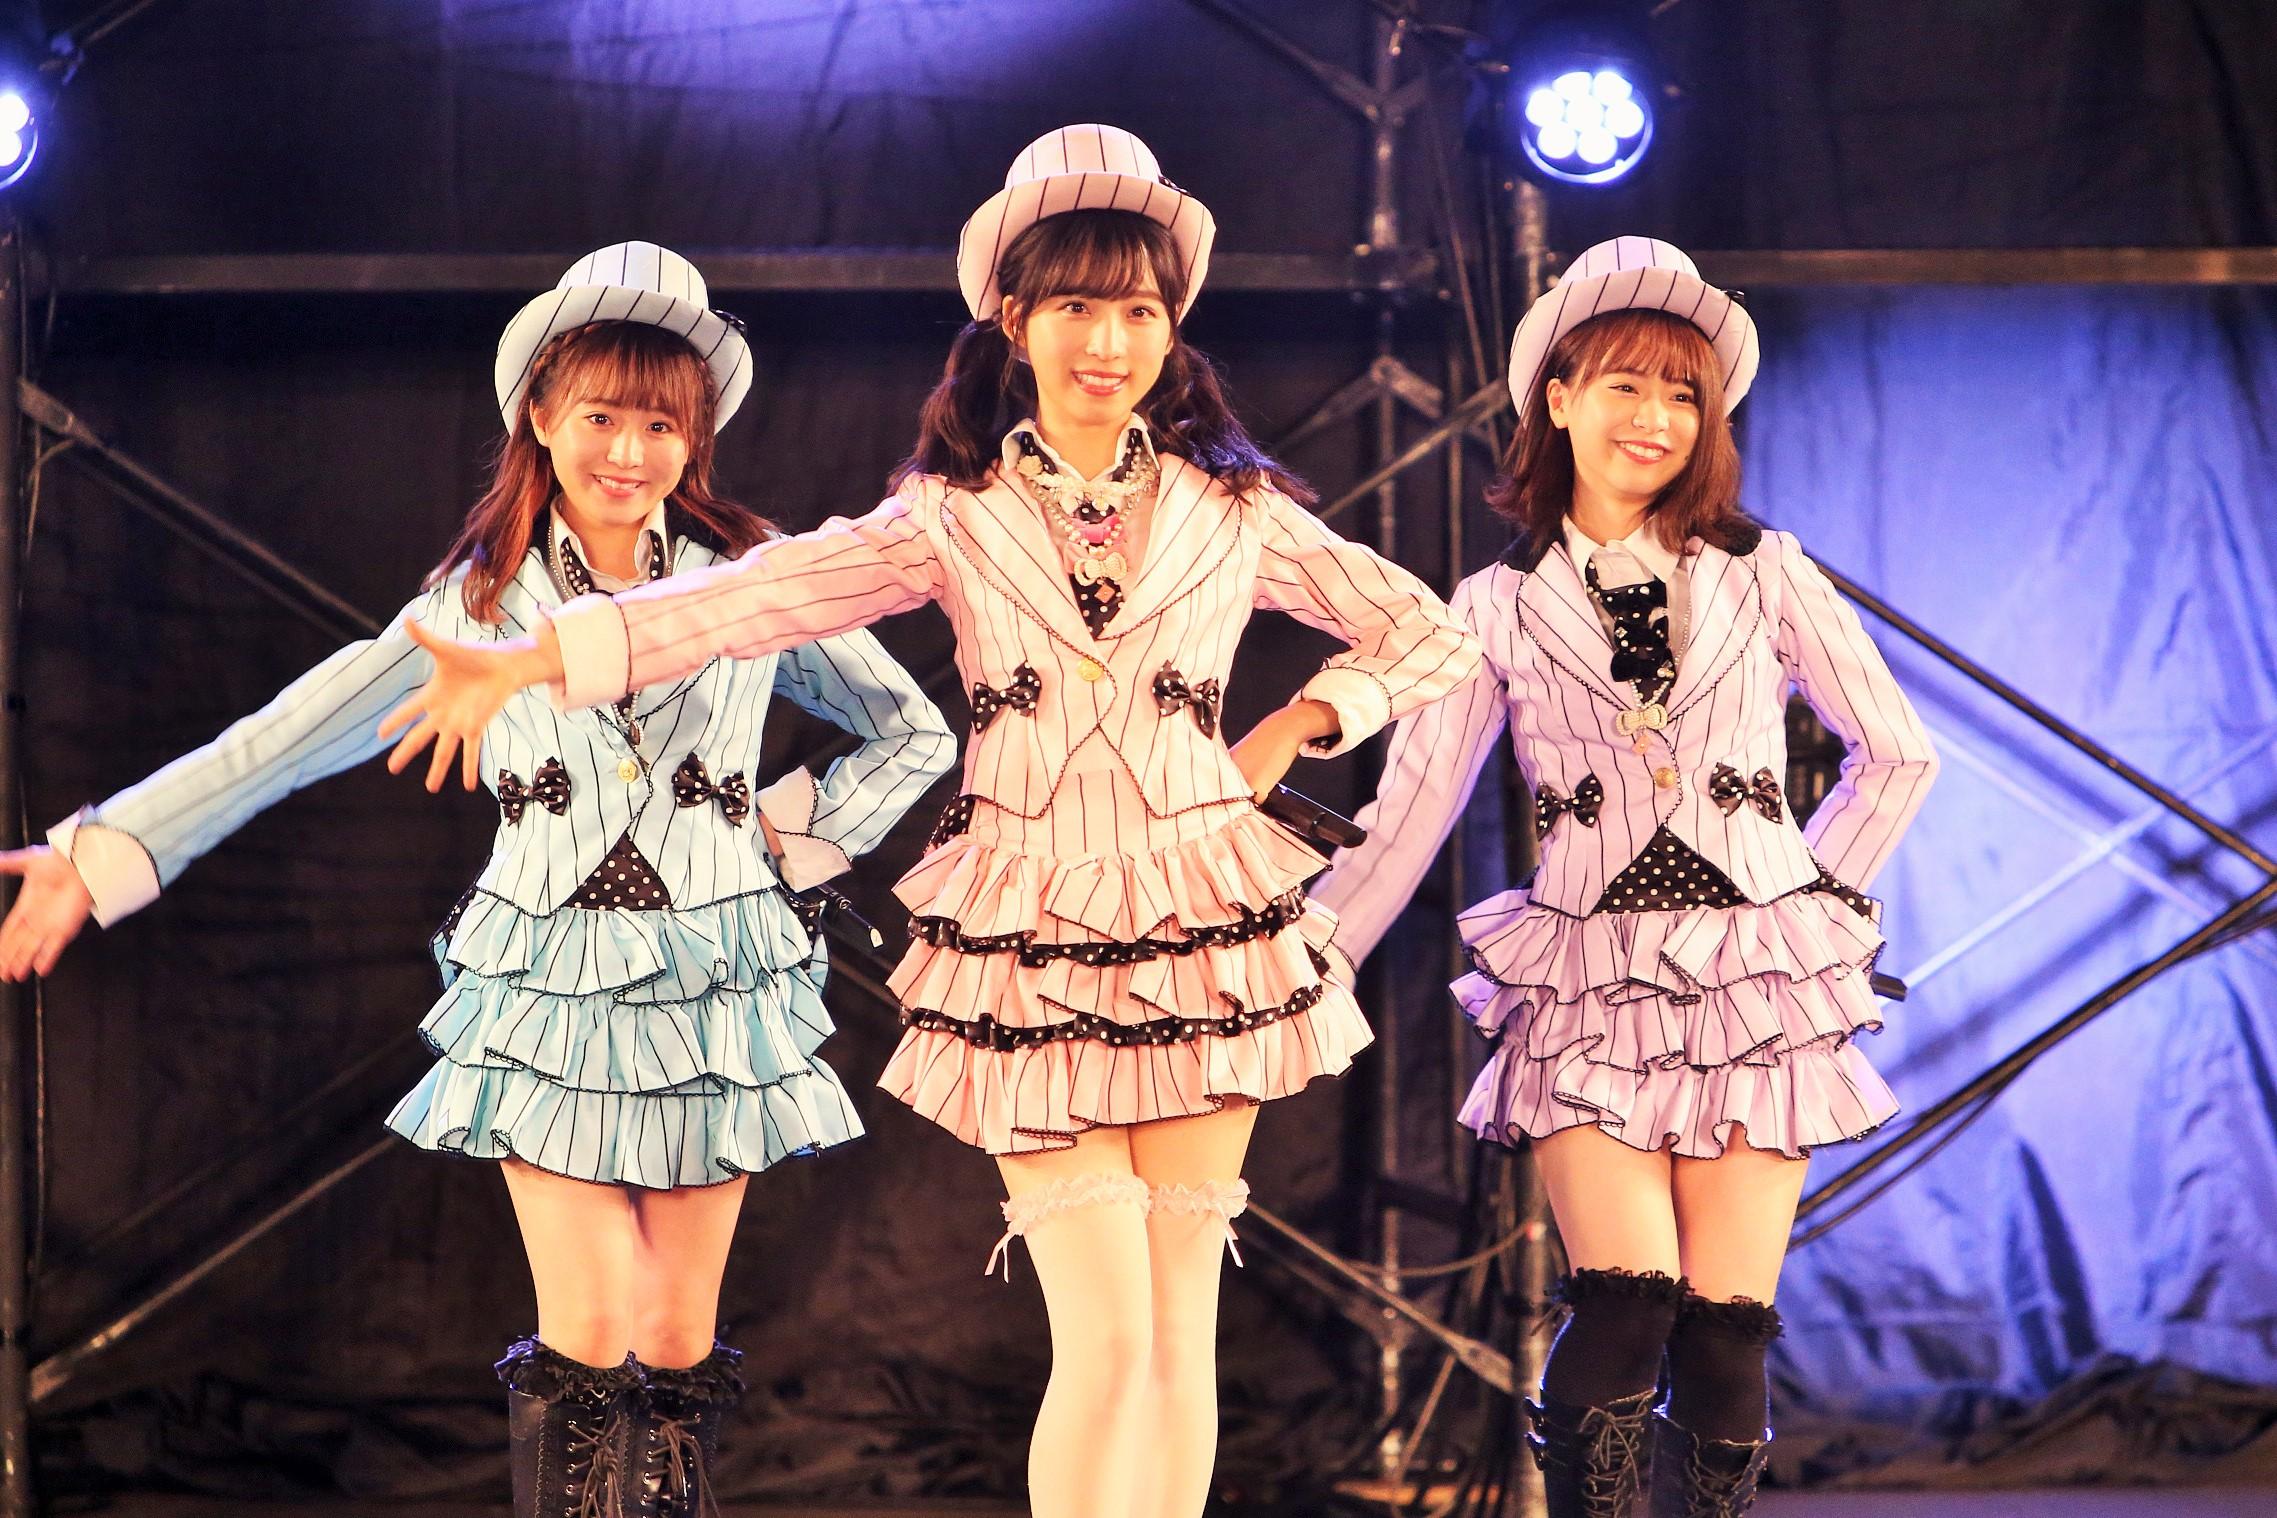 坂口渚沙、小栗有以、倉野尾成美 10月18日ライブ (C) AKB48